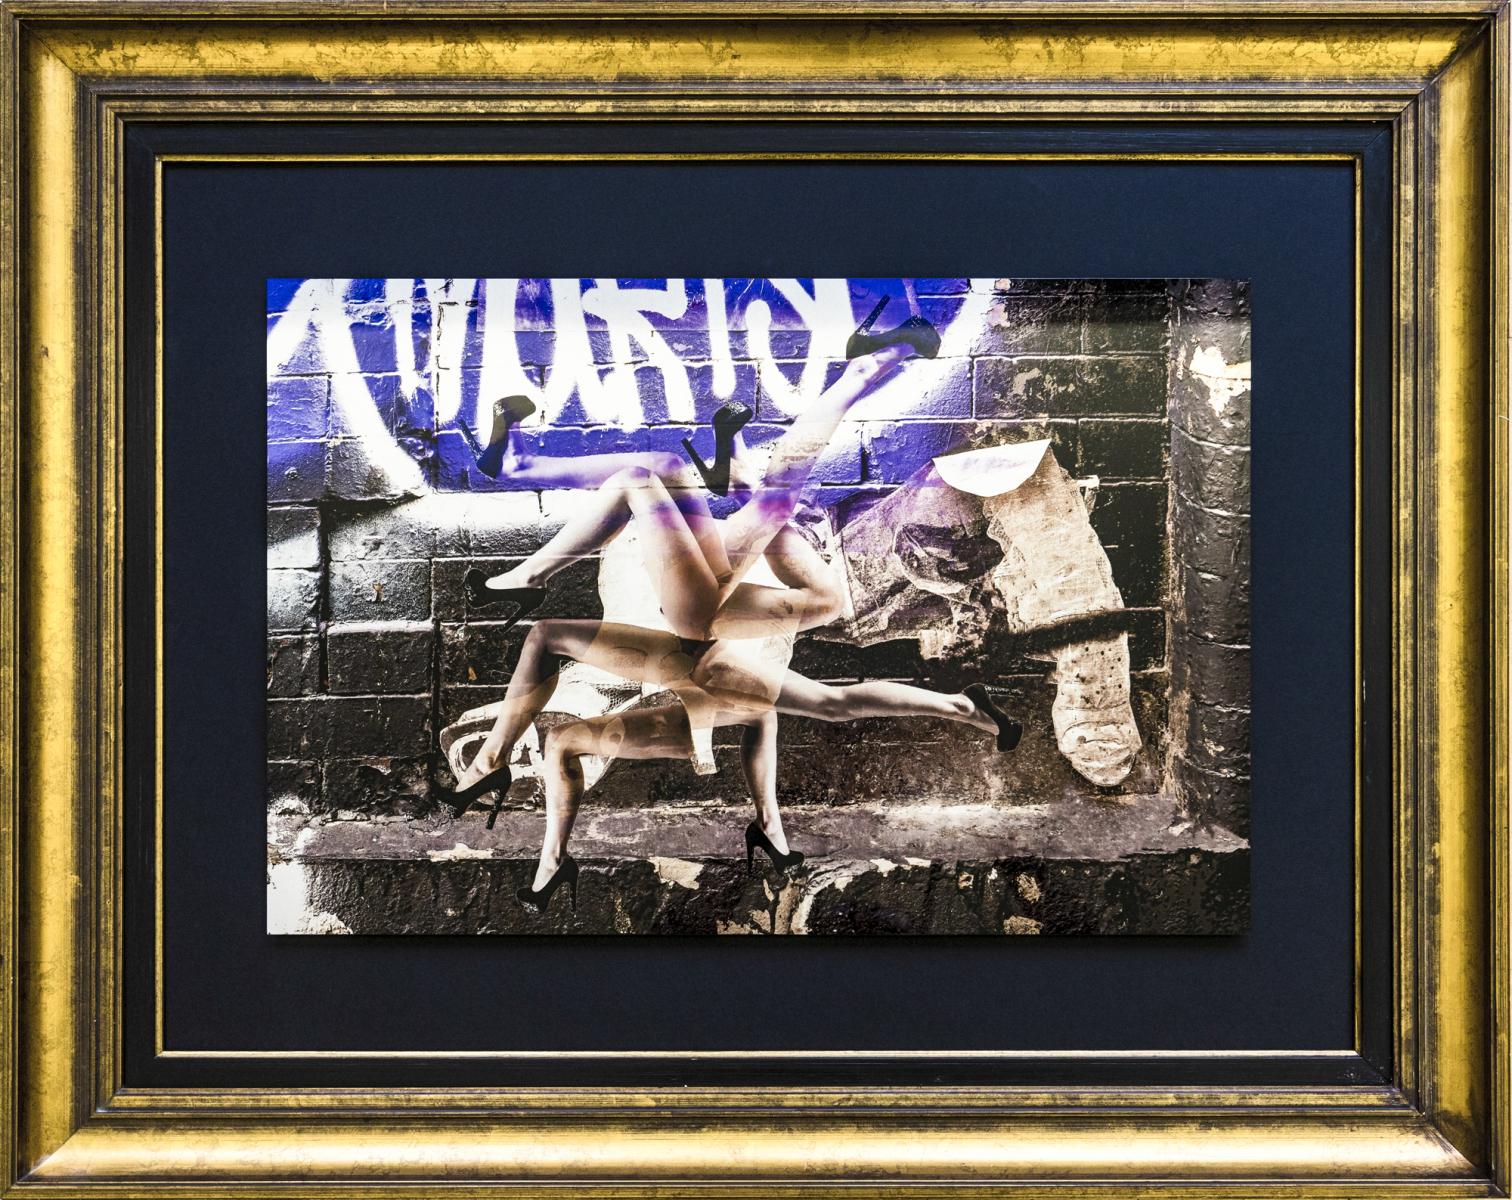 street-art-reloaded-untitled-6-1